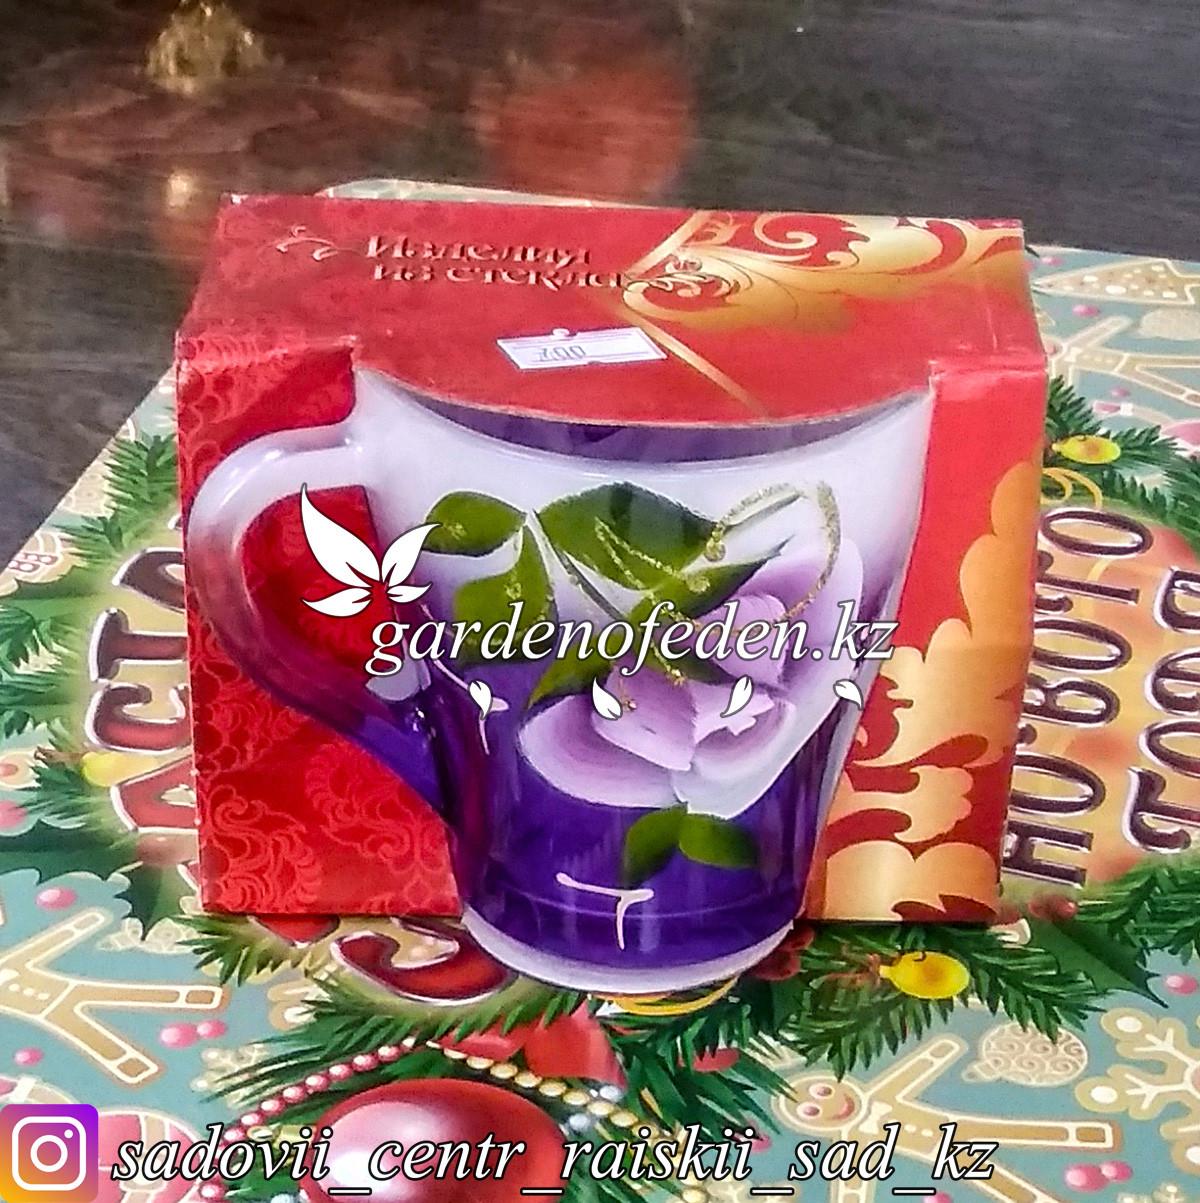 Кружка из цветного стекла с декором. Картонная упаковка. Цвет: Фиолетовый/Сиреневый.